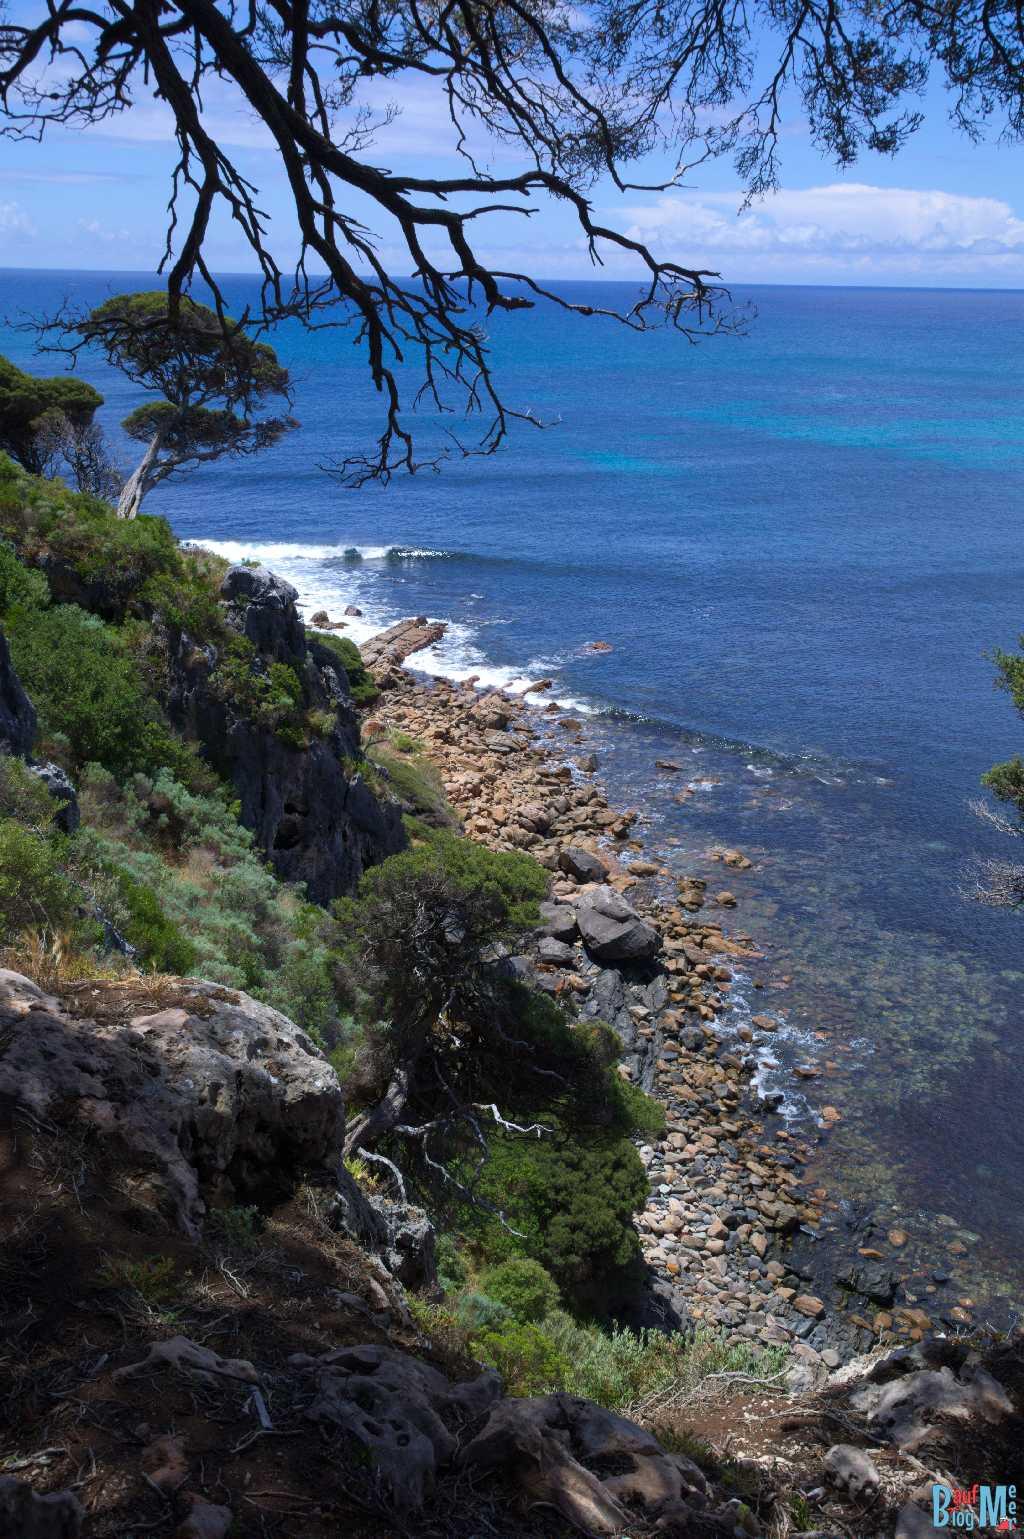 Ausblick auf die Küstenlandschaft vom Aussichtspunkt beim Shelly Cove